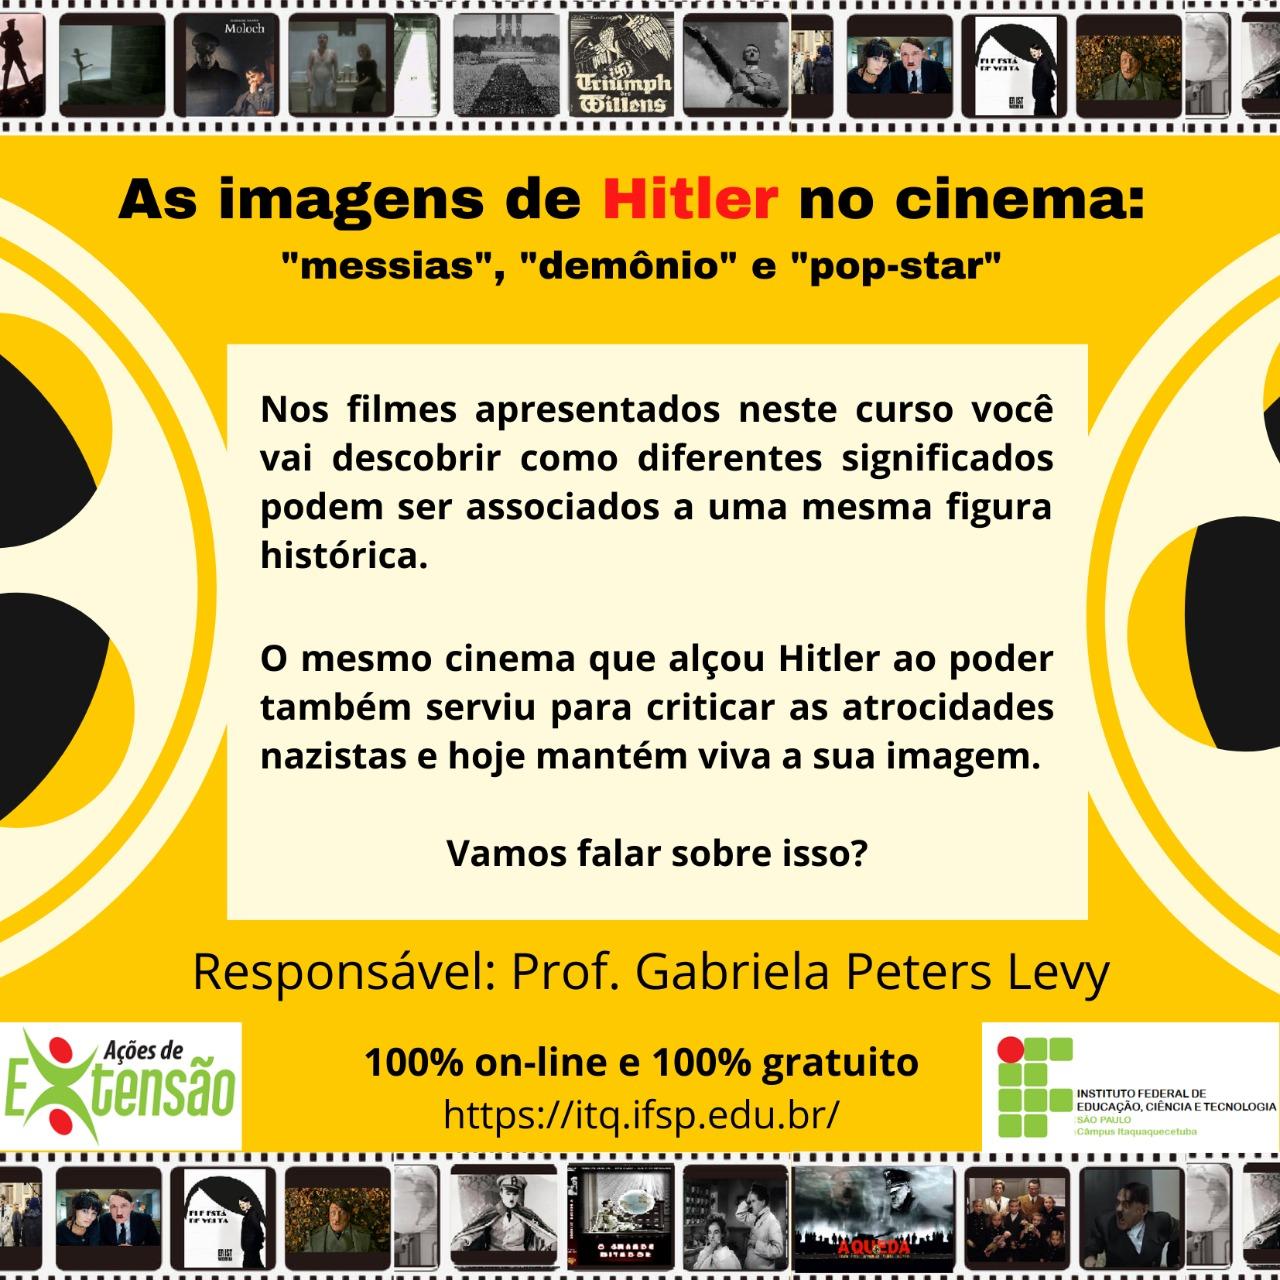 """Inscrição Aberta:  """"As imagens de Hitler no cinema: 'messias', 'demônio' e 'pop-star'"""""""